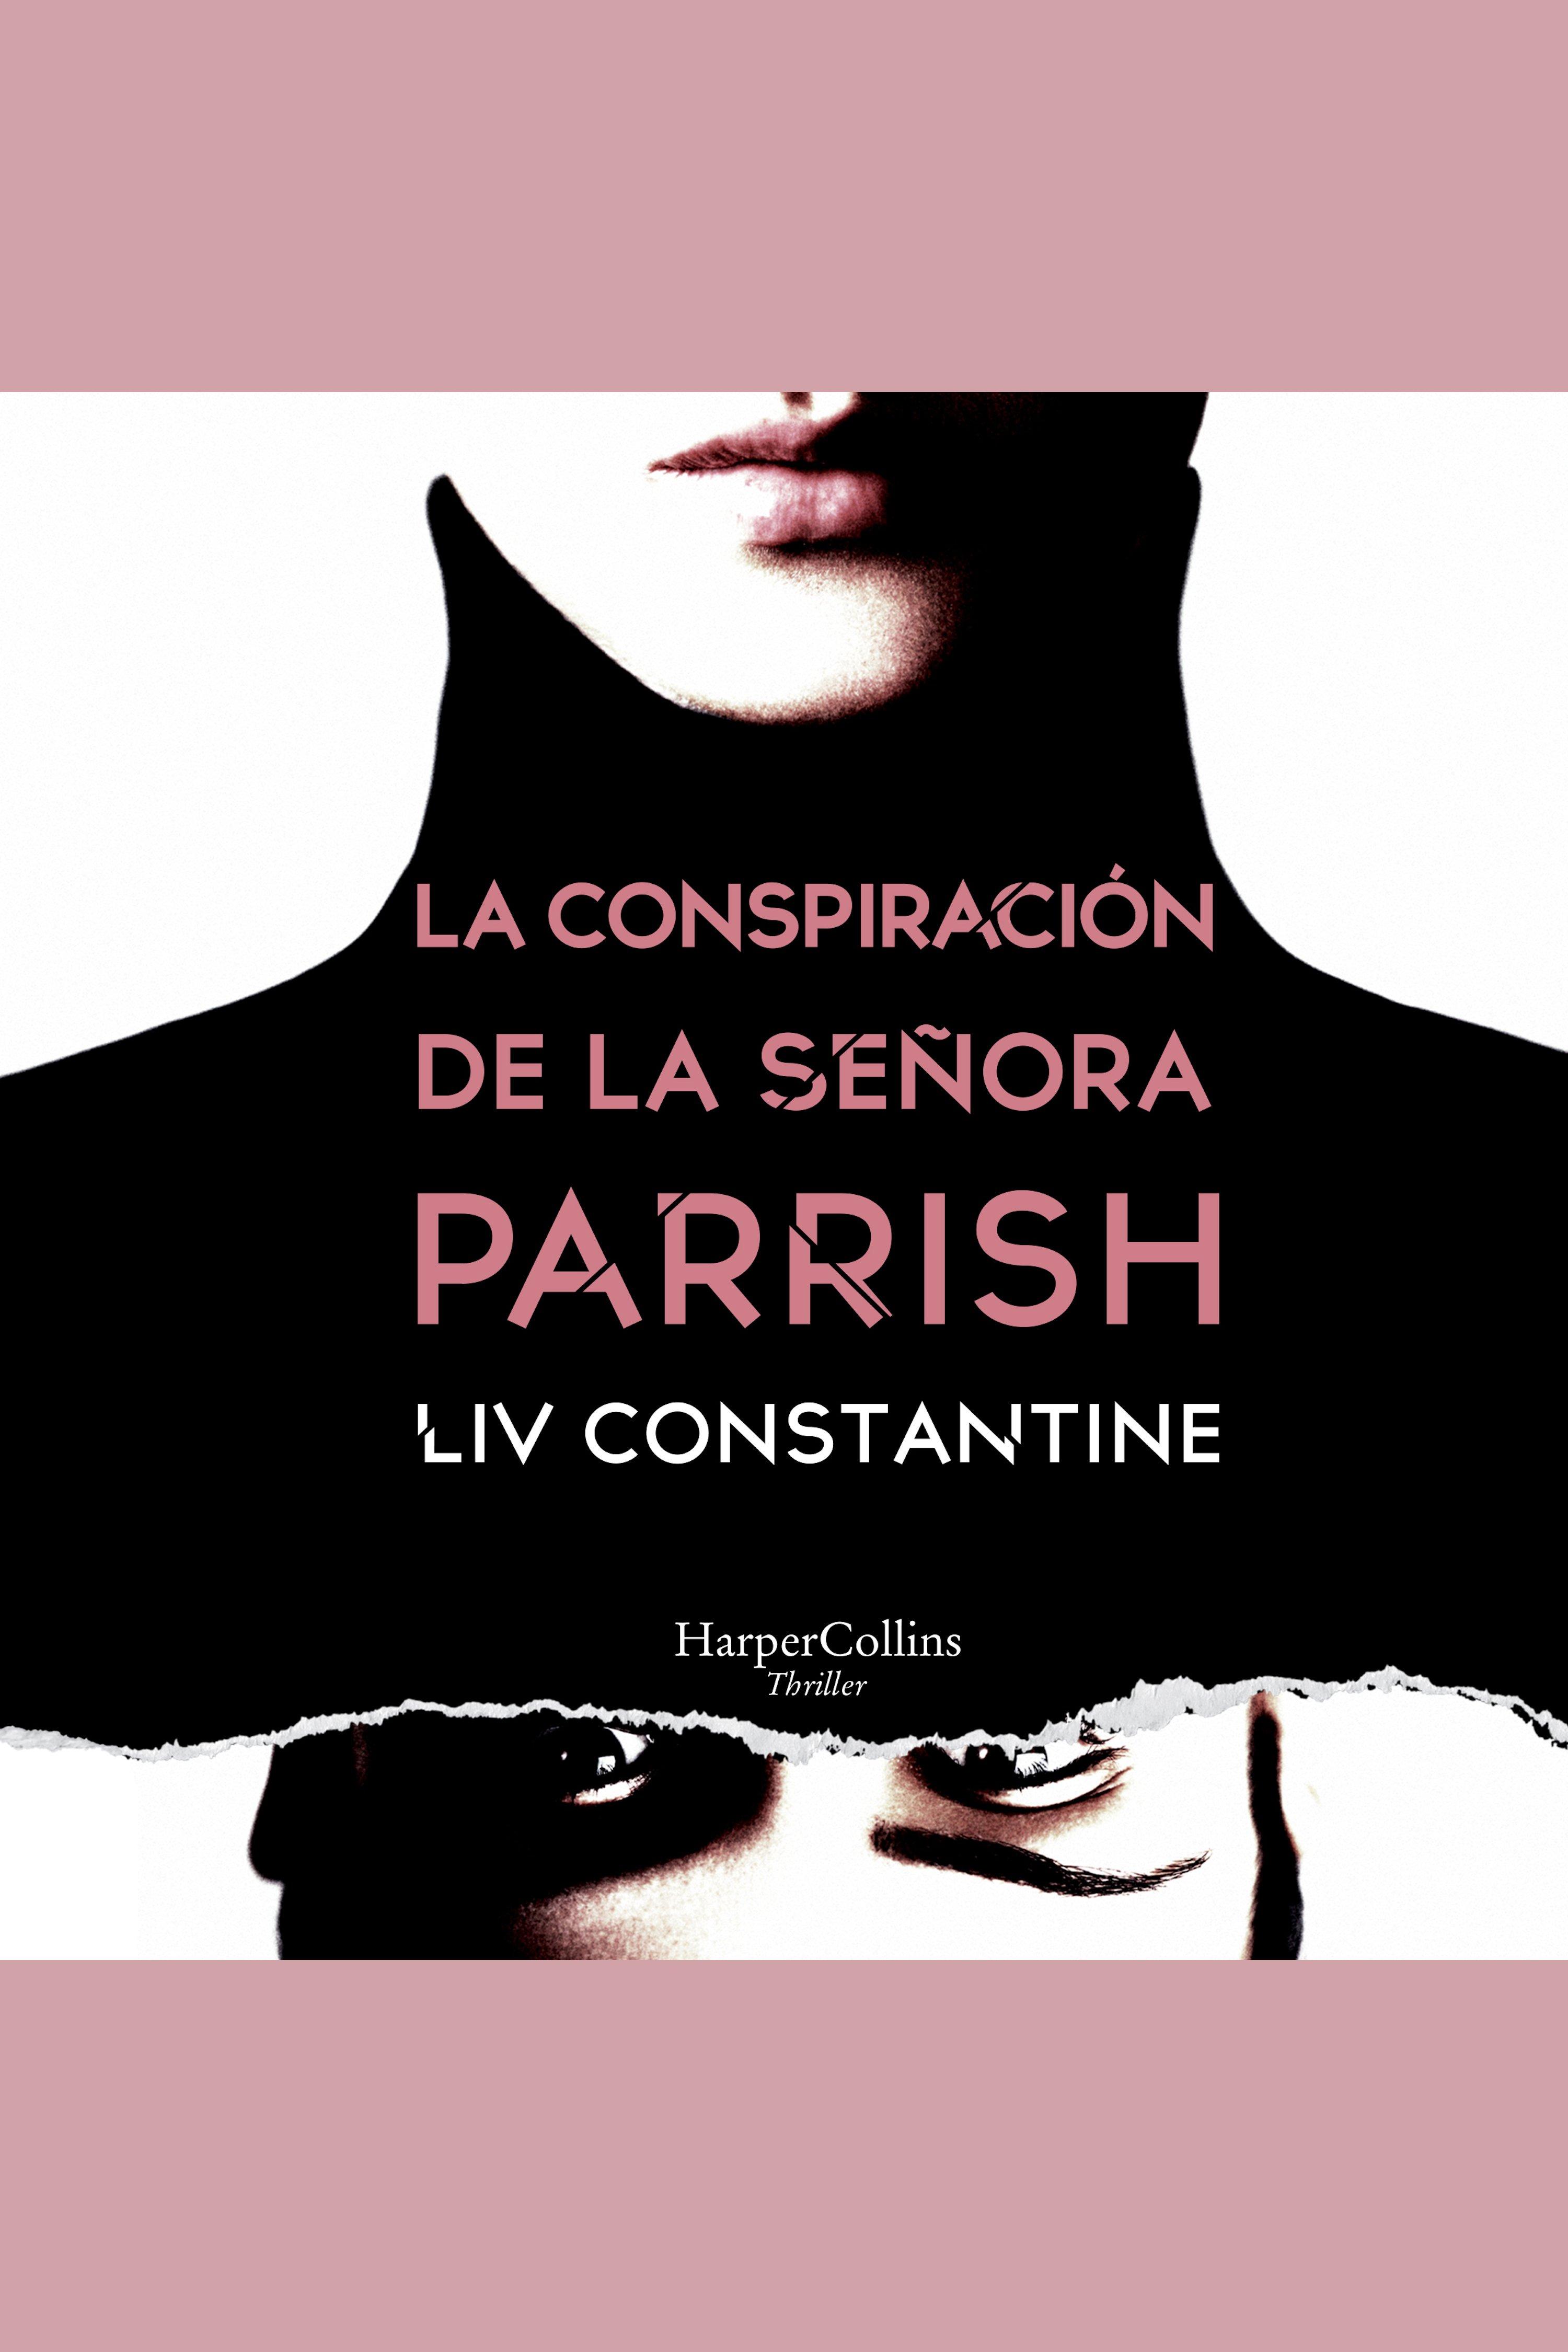 Esta es la portada del audiolibro La conspiración de la señora Parrish